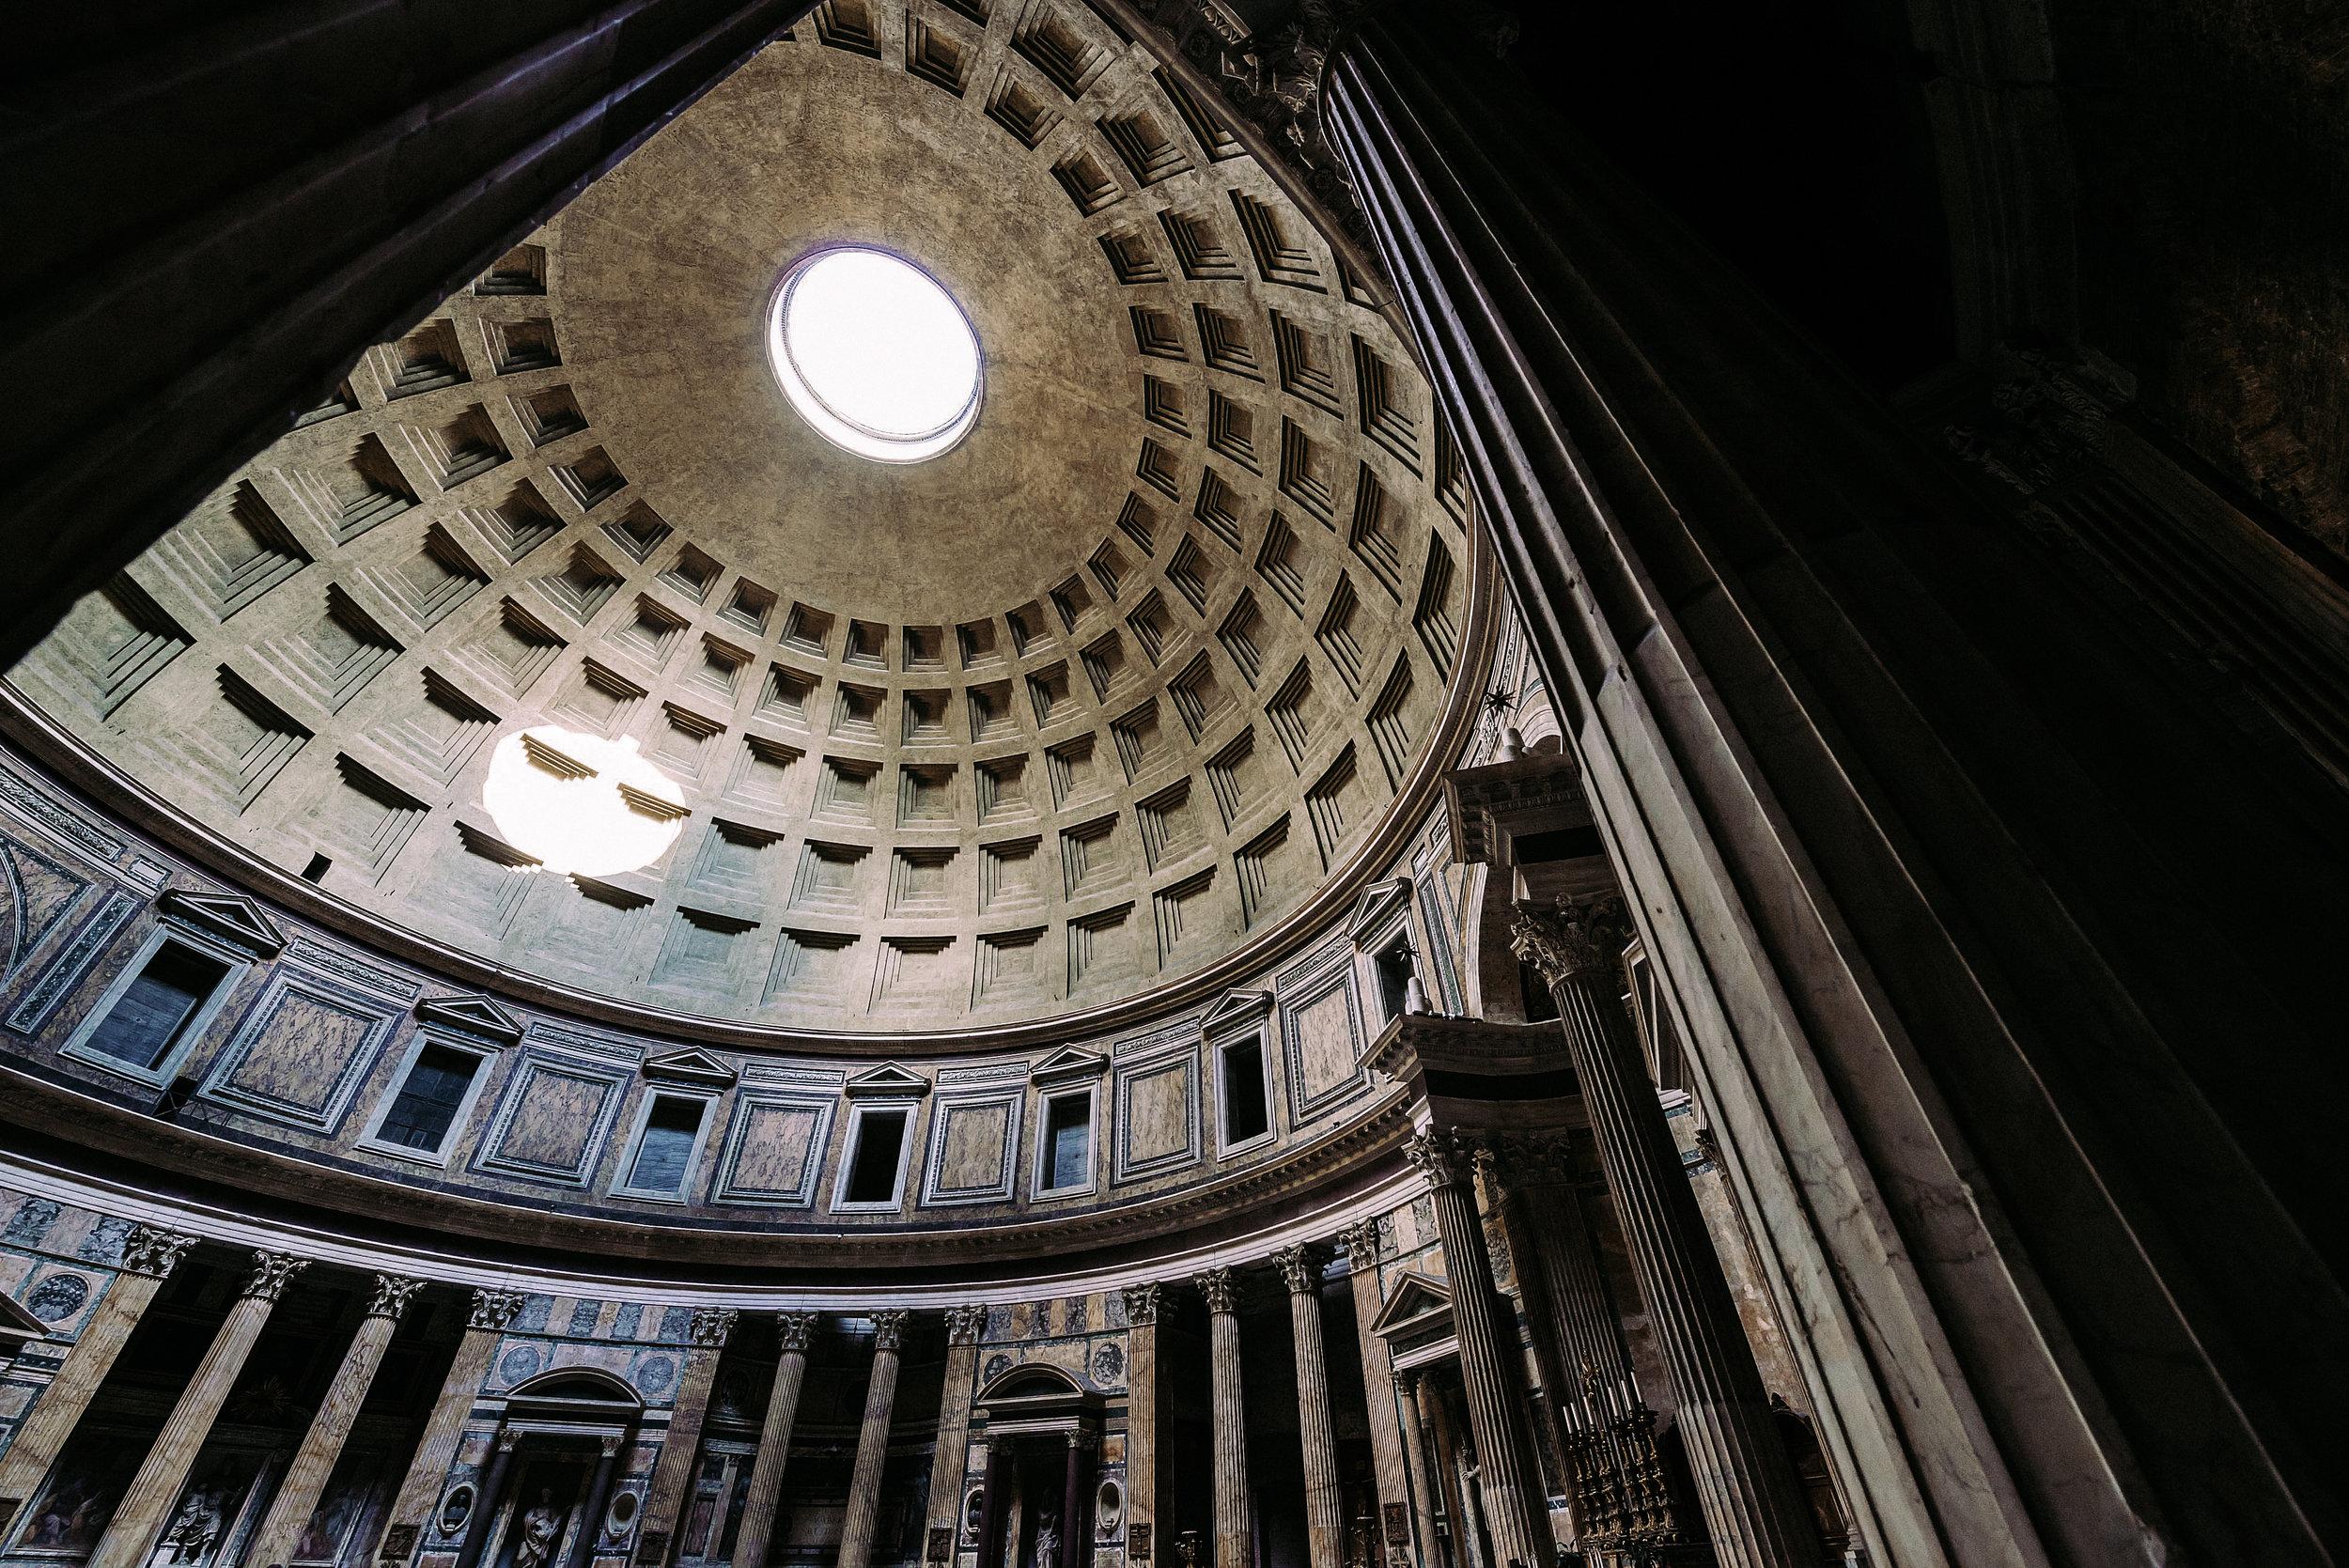 dome-pantheon-484985991-57be72405f9b5855e50998f8-2